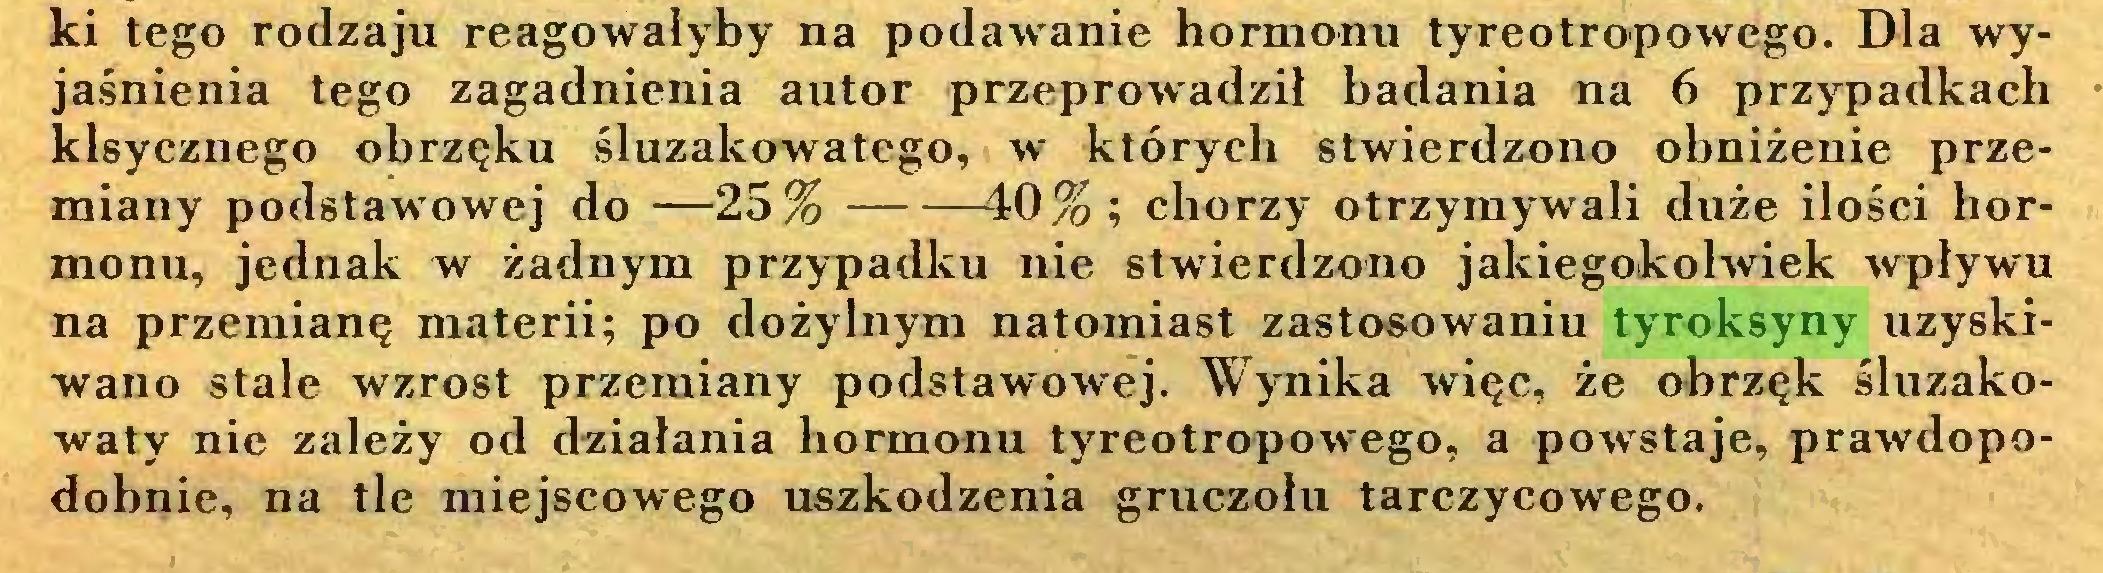 (...) ki tego rodzaju reagowałyby na podawanie hormonu tyreotropowego. Dla wyjaśnienia tego zagadnienia autor przeprowadził badania na 6 przypadkach klsycznego obrzęku śluzakowatego, w których stwierdzono obniżenie przemiany podstawowej do —25% 40% ; chorzy otrzymywali duże ilości hormonu, jednak w żadnym przypadku nie stwierdzono jakiegokolwiek wpływu na przemianę materii; po dożylnym natomiast zastosowaniu tyroksyny uzyskiwano stale wzrost przemiany podstawowej. Wynika więc, że obrzęk śluzakowaty nie zależy od działania hormonu tyreotropowego, a powstaje, prawdopodobnie, na tle miejscowego uszkodzenia gruczołu tarczycowego...